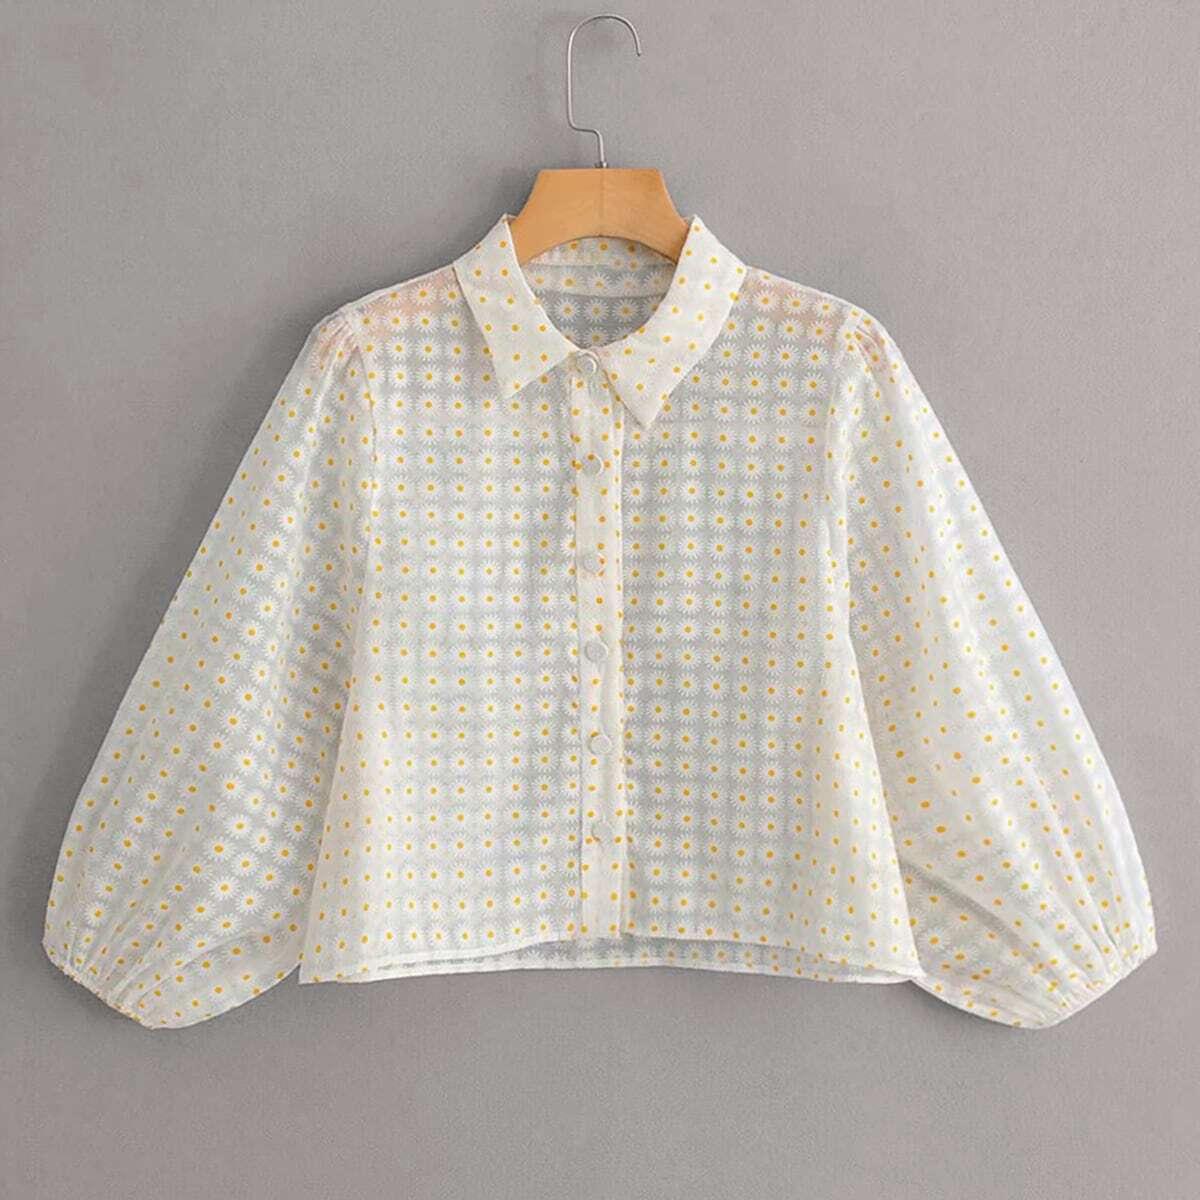 SHEIN / Bluse mit Blumen Muster und Netzstoff